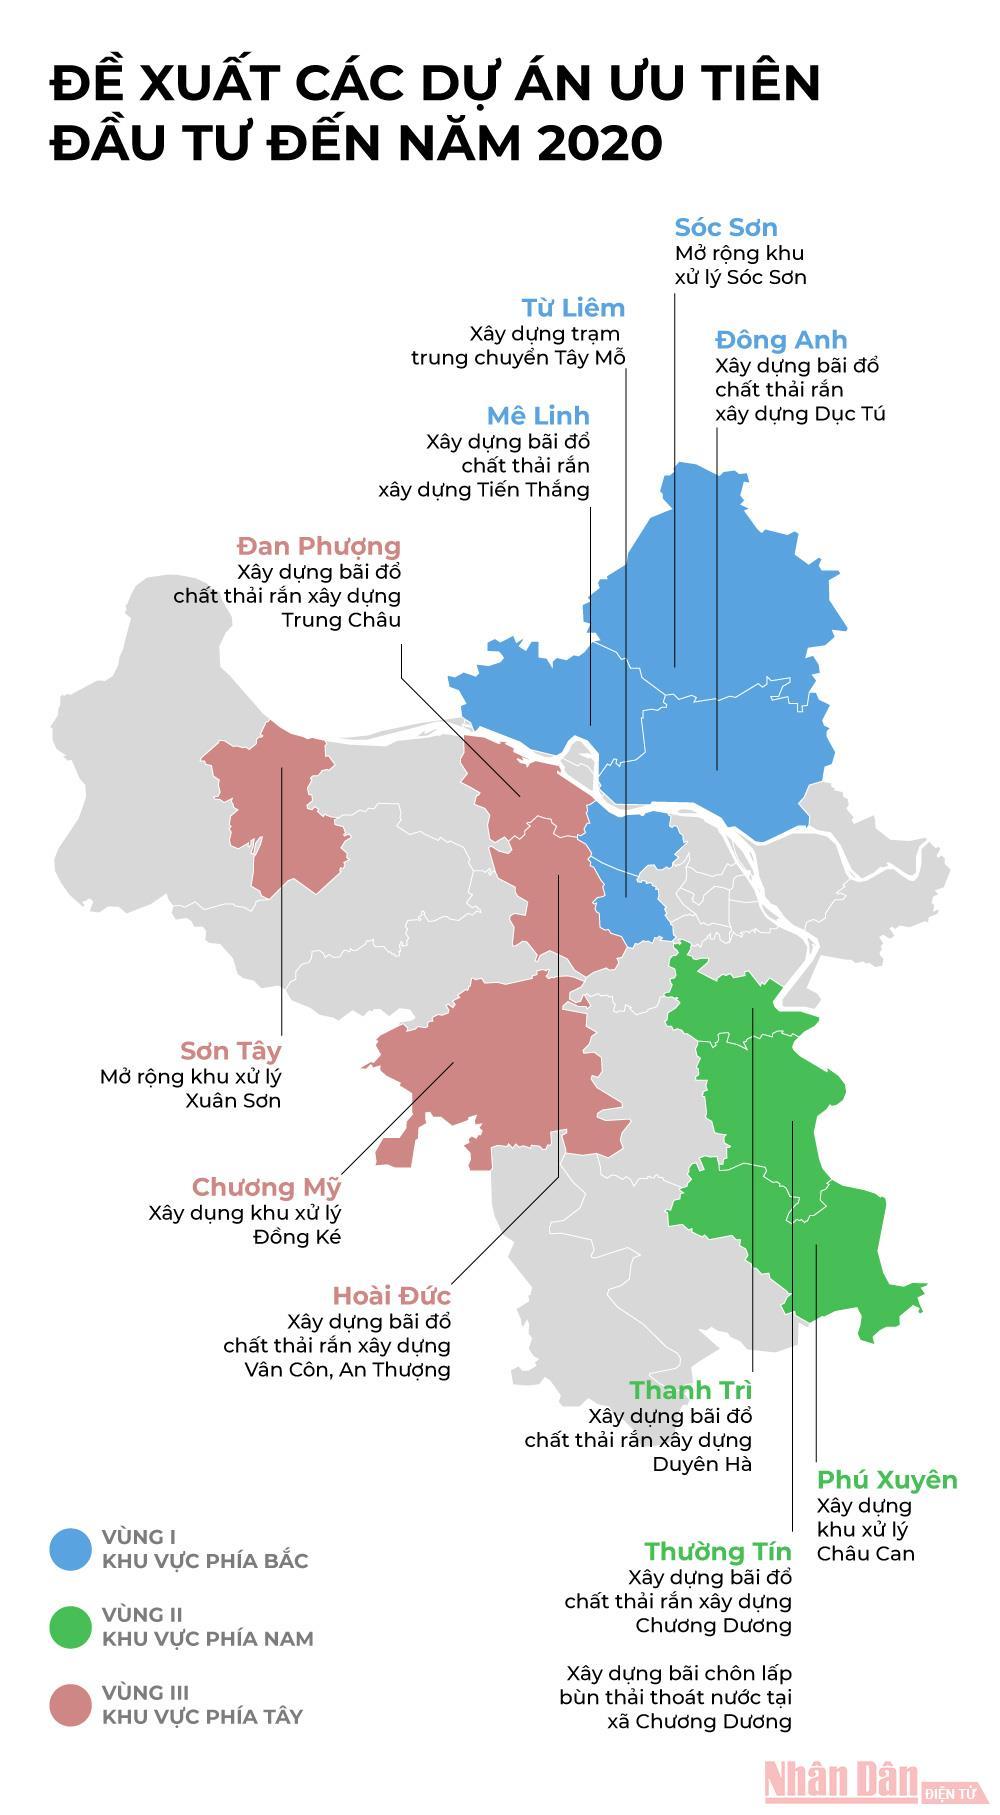 Các dự án xử lý chất thải rắn của Hà Nội được ưu tiên đầu tư đến năm 2020 -0